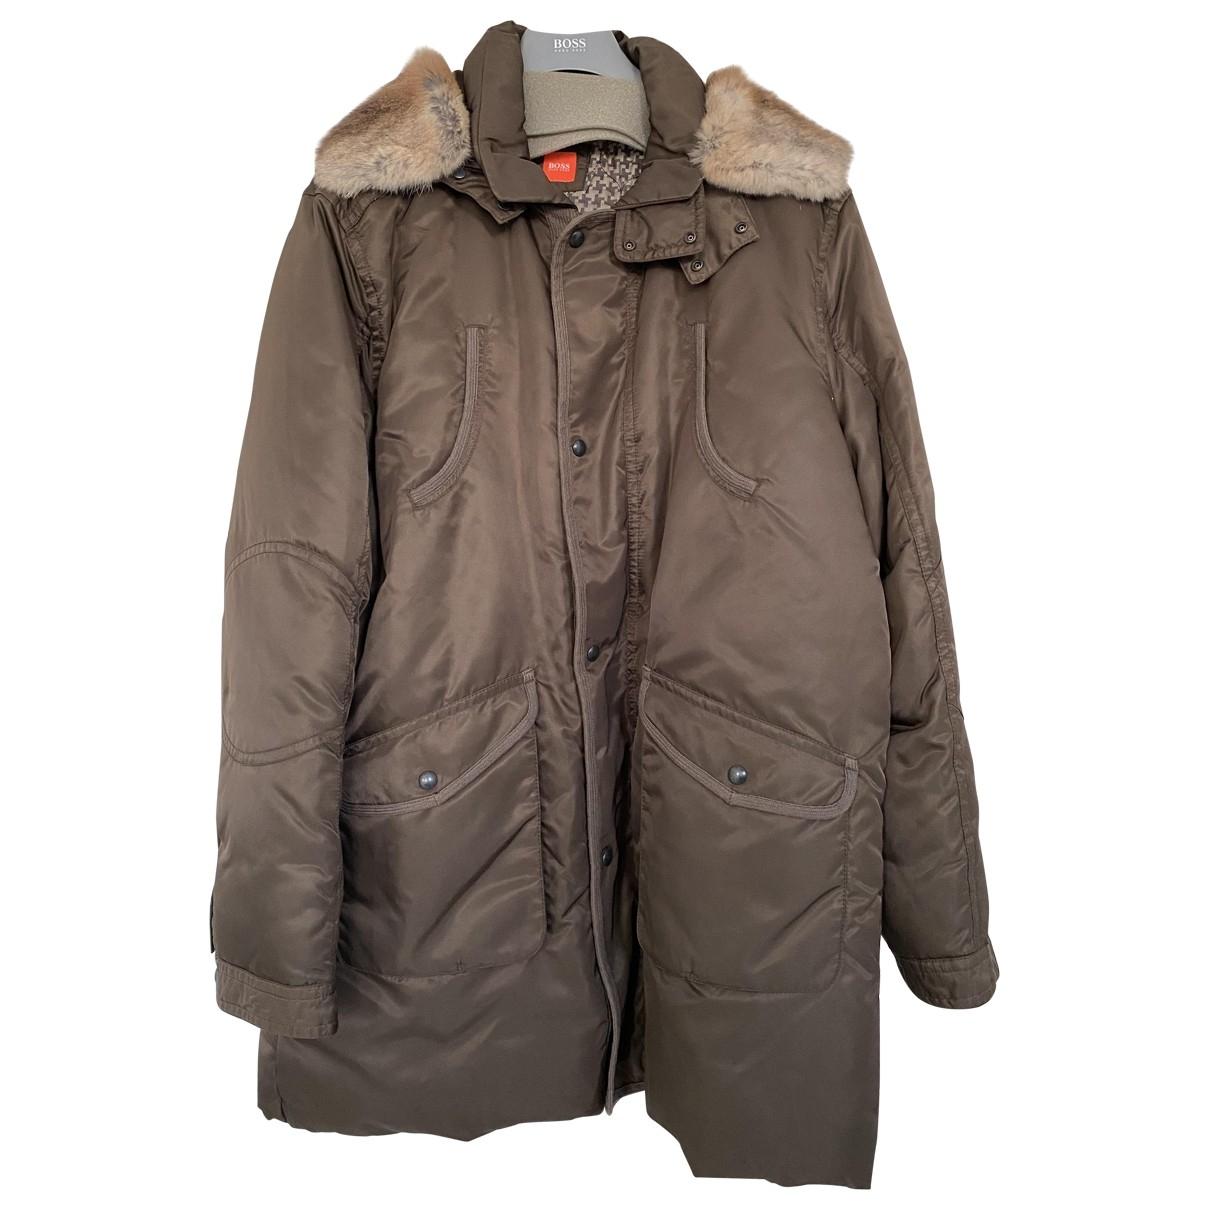 Boss \N Green jacket  for Men 54 IT